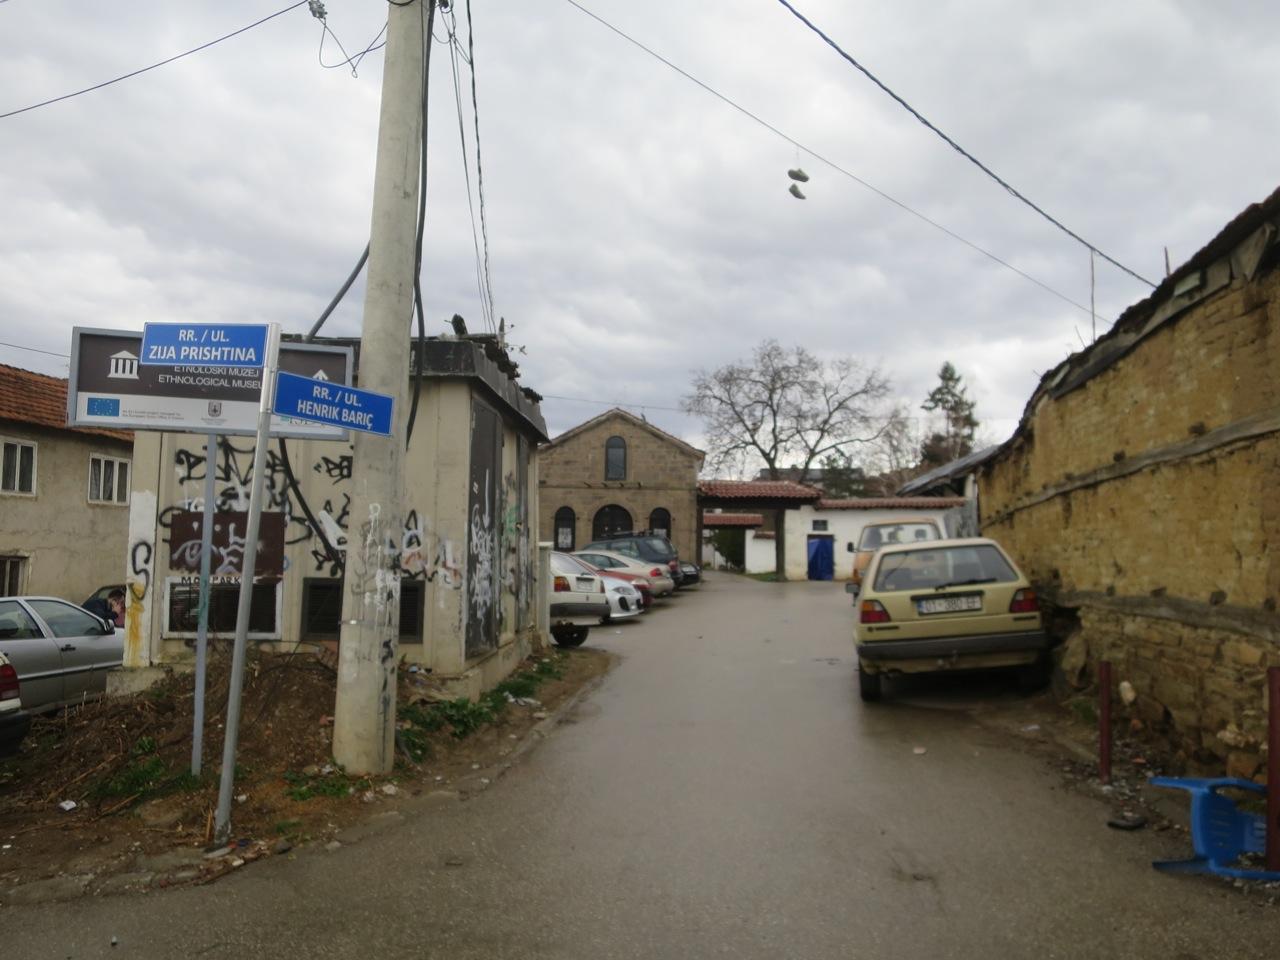 Pristina 1-11